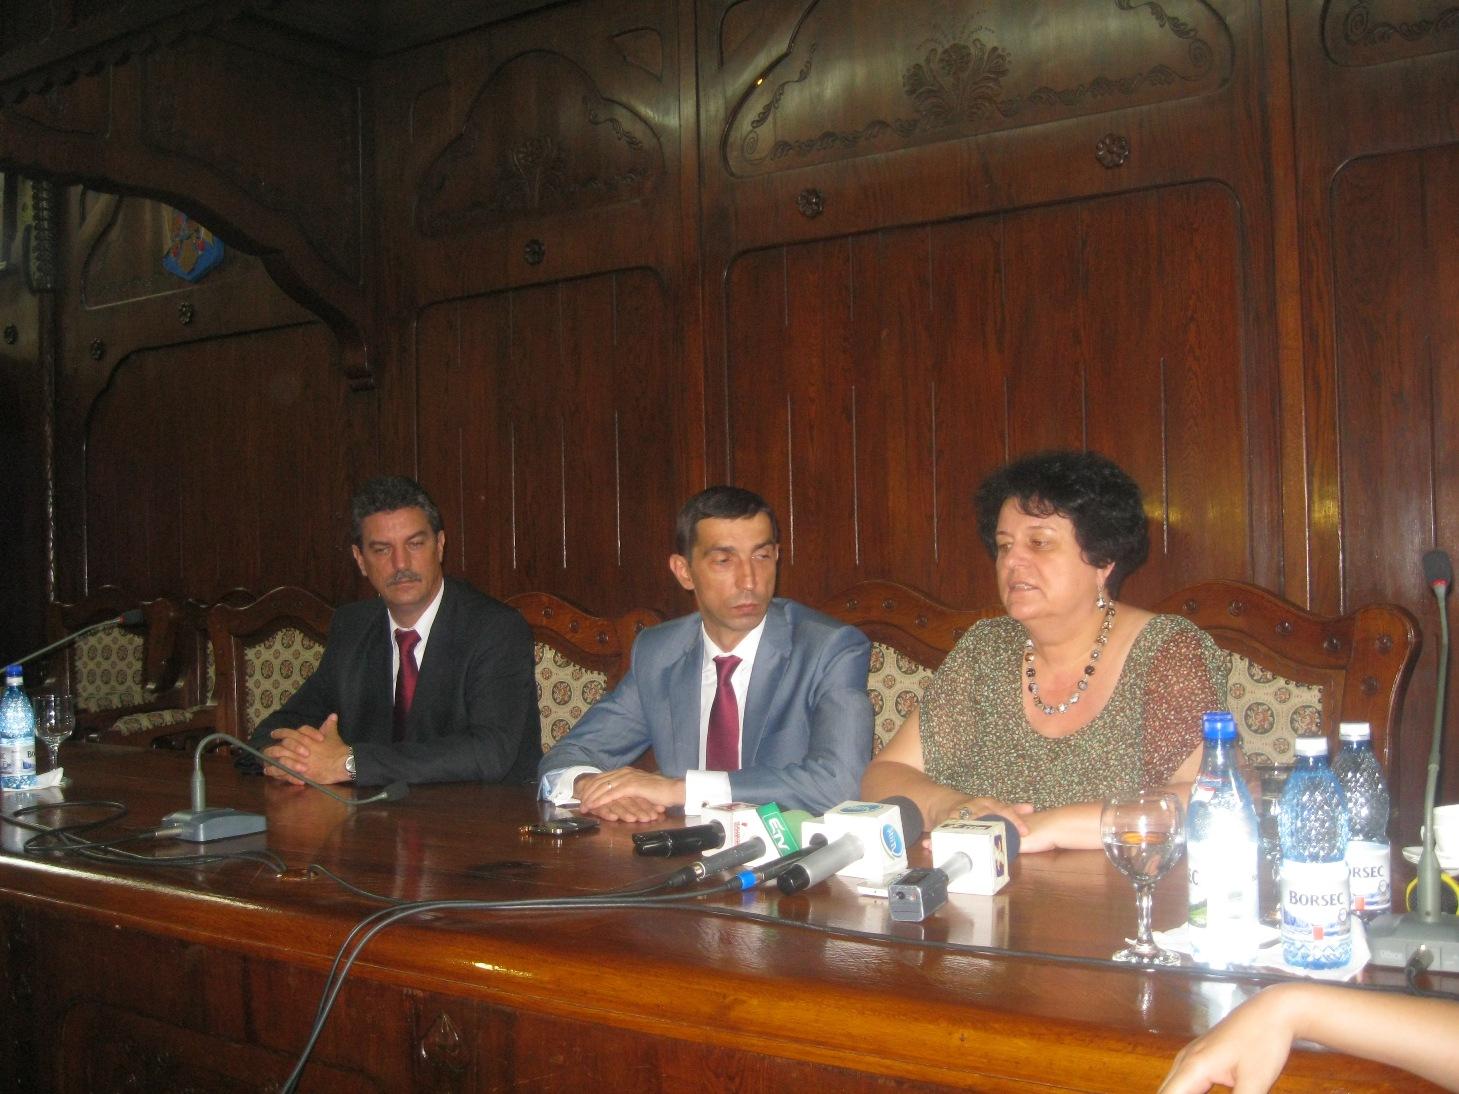 Judeţul Mureş are, de astăzi, un nou Consiliu Judeţean